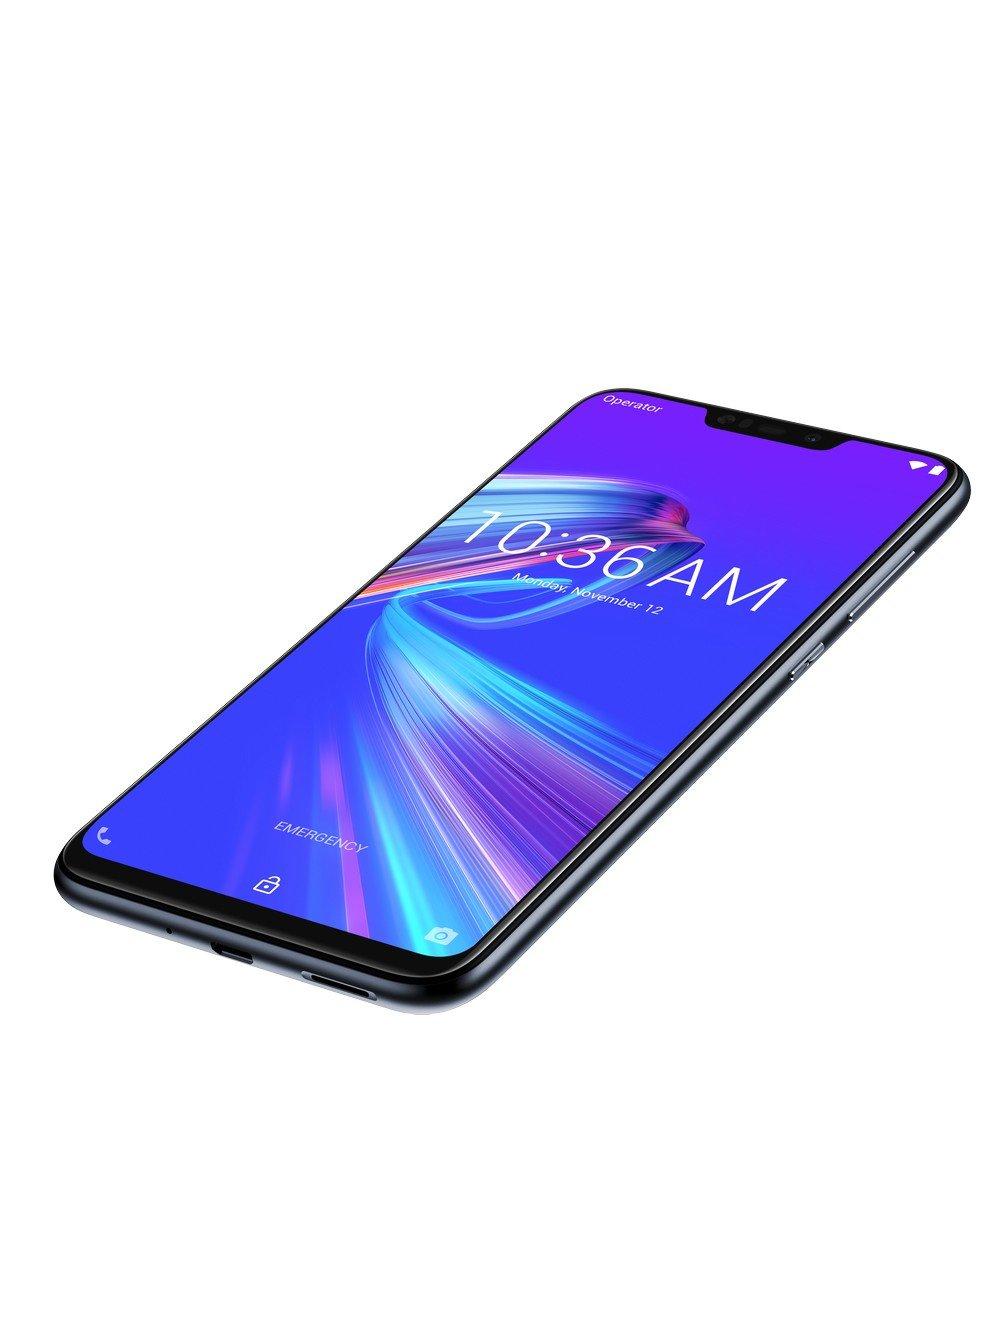 Смартфон Asus ZenFone Max (M2) 4/32G (ZB633KL-4A070EU) Black фото 7